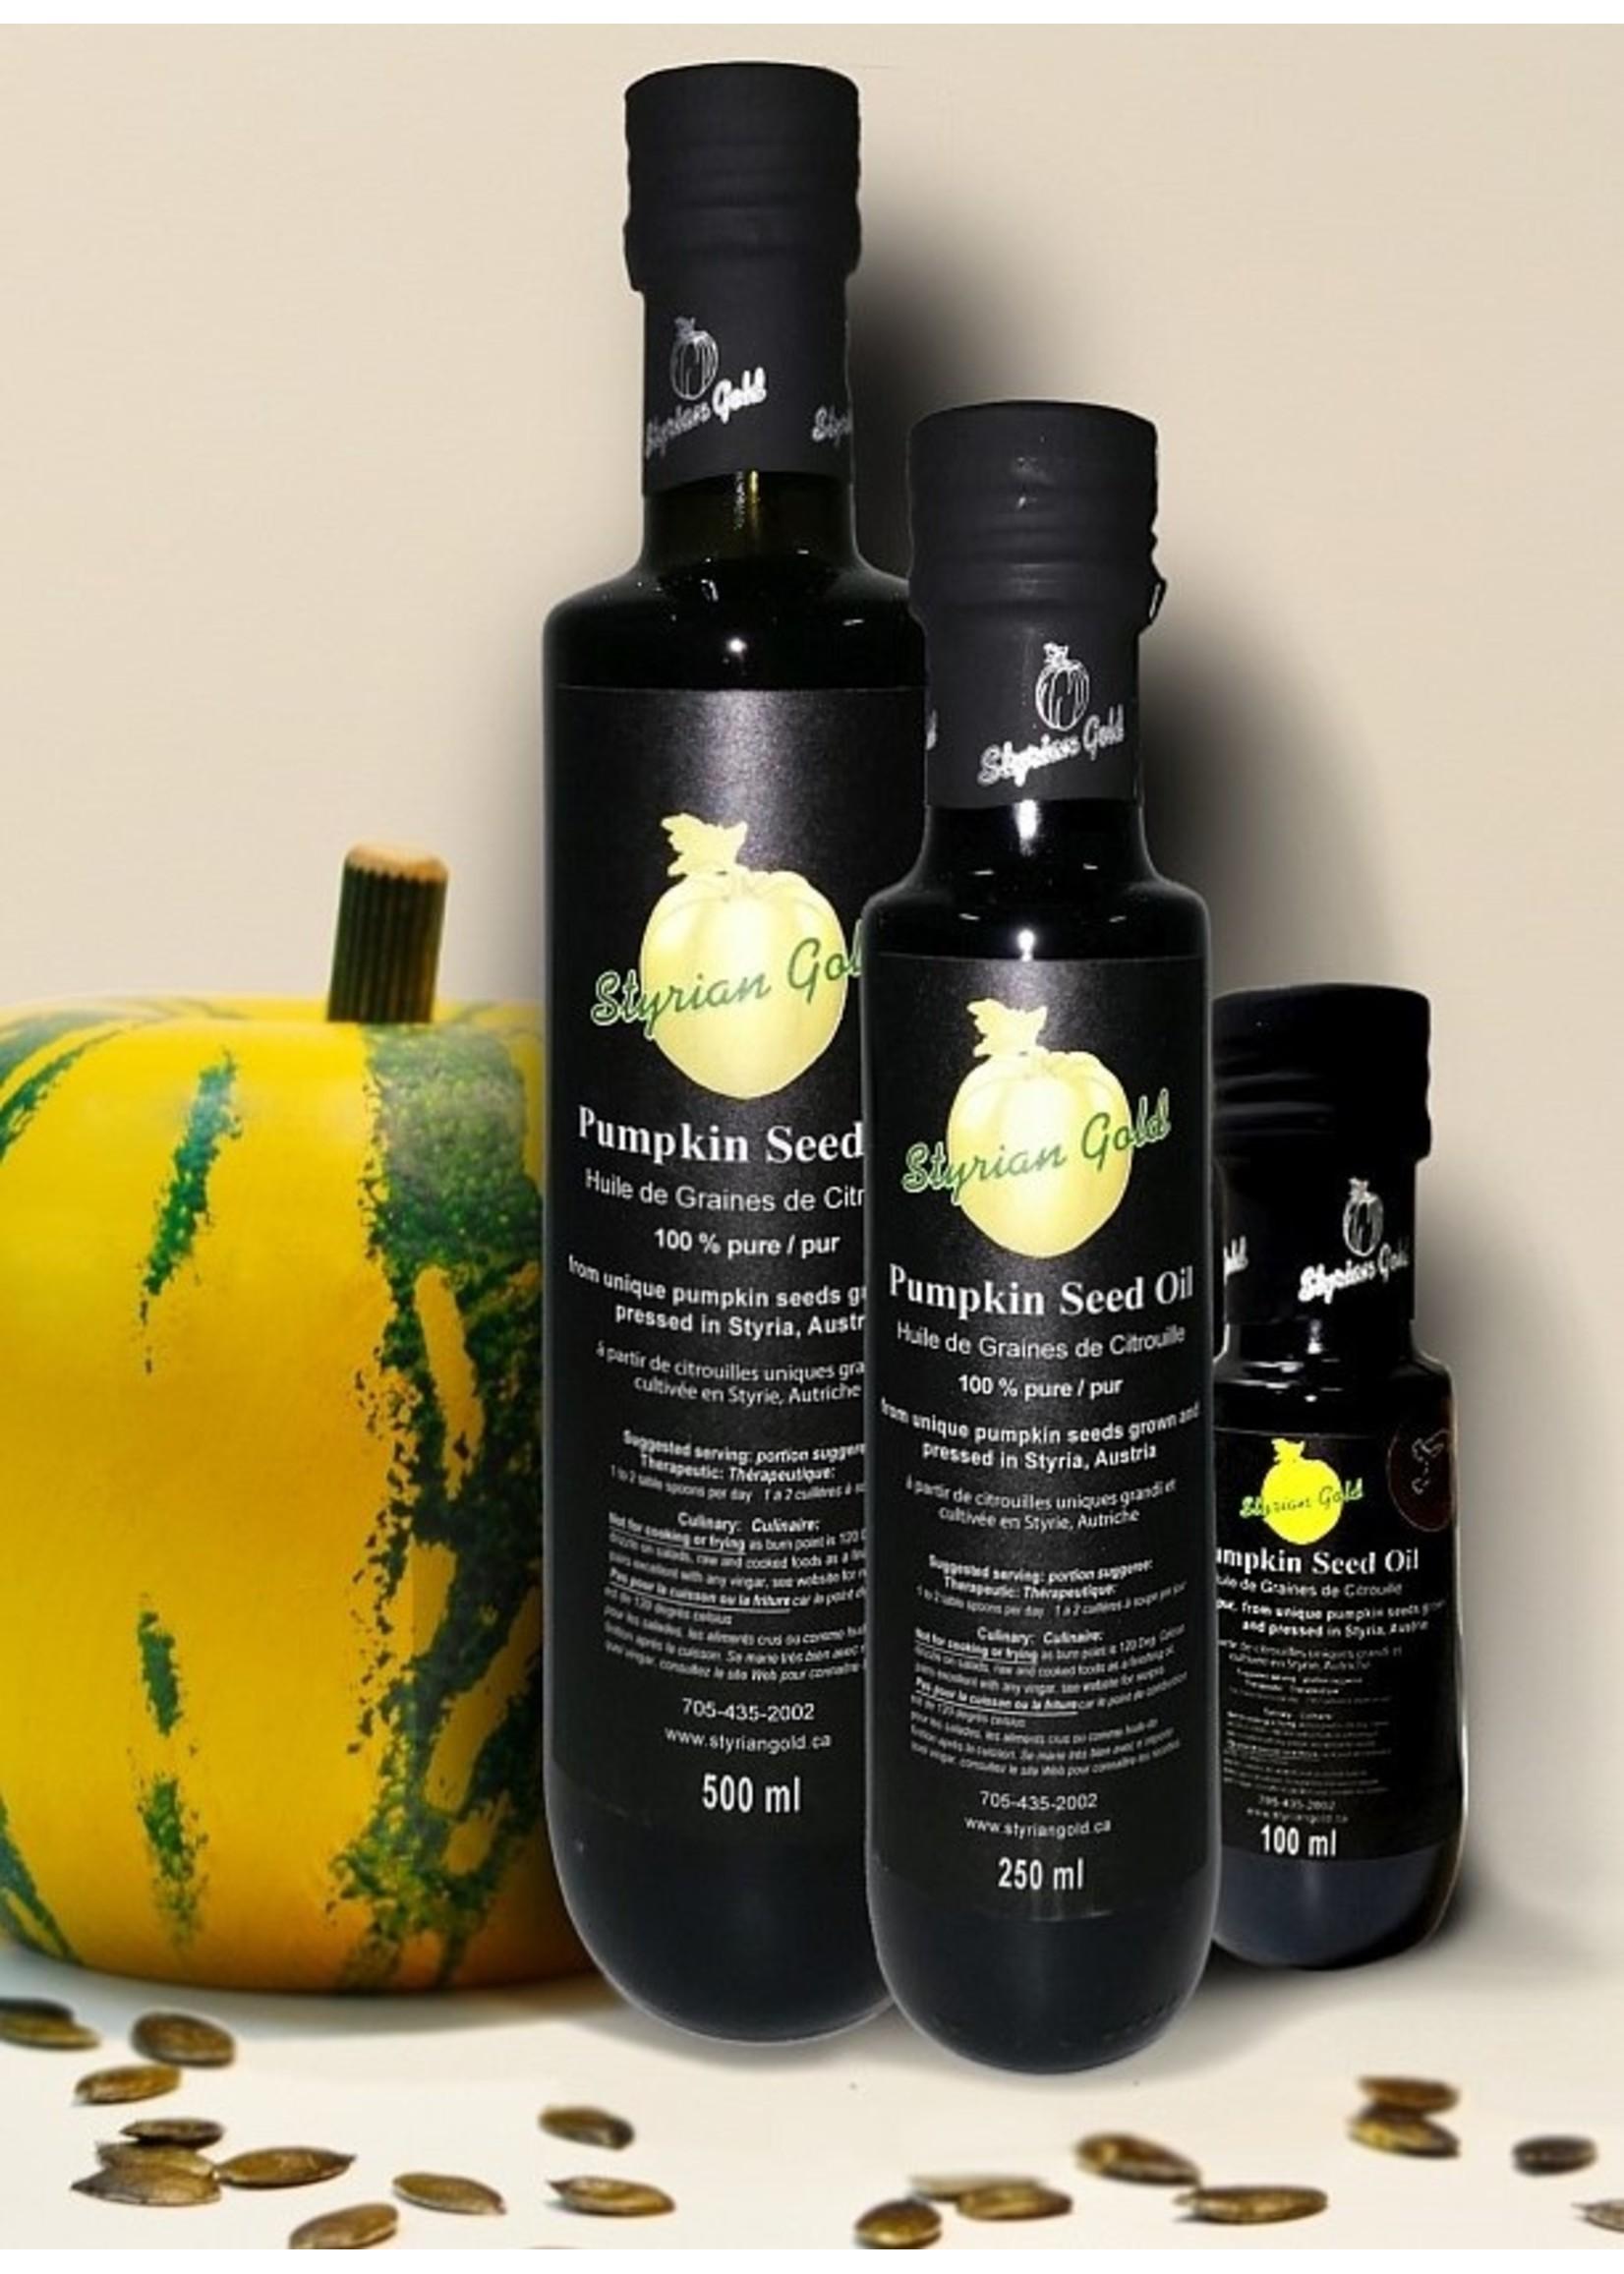 Styrian Gold Styrian Gold Glass Bottle - P.G.I. Pumpkin Seed Oil 250ml